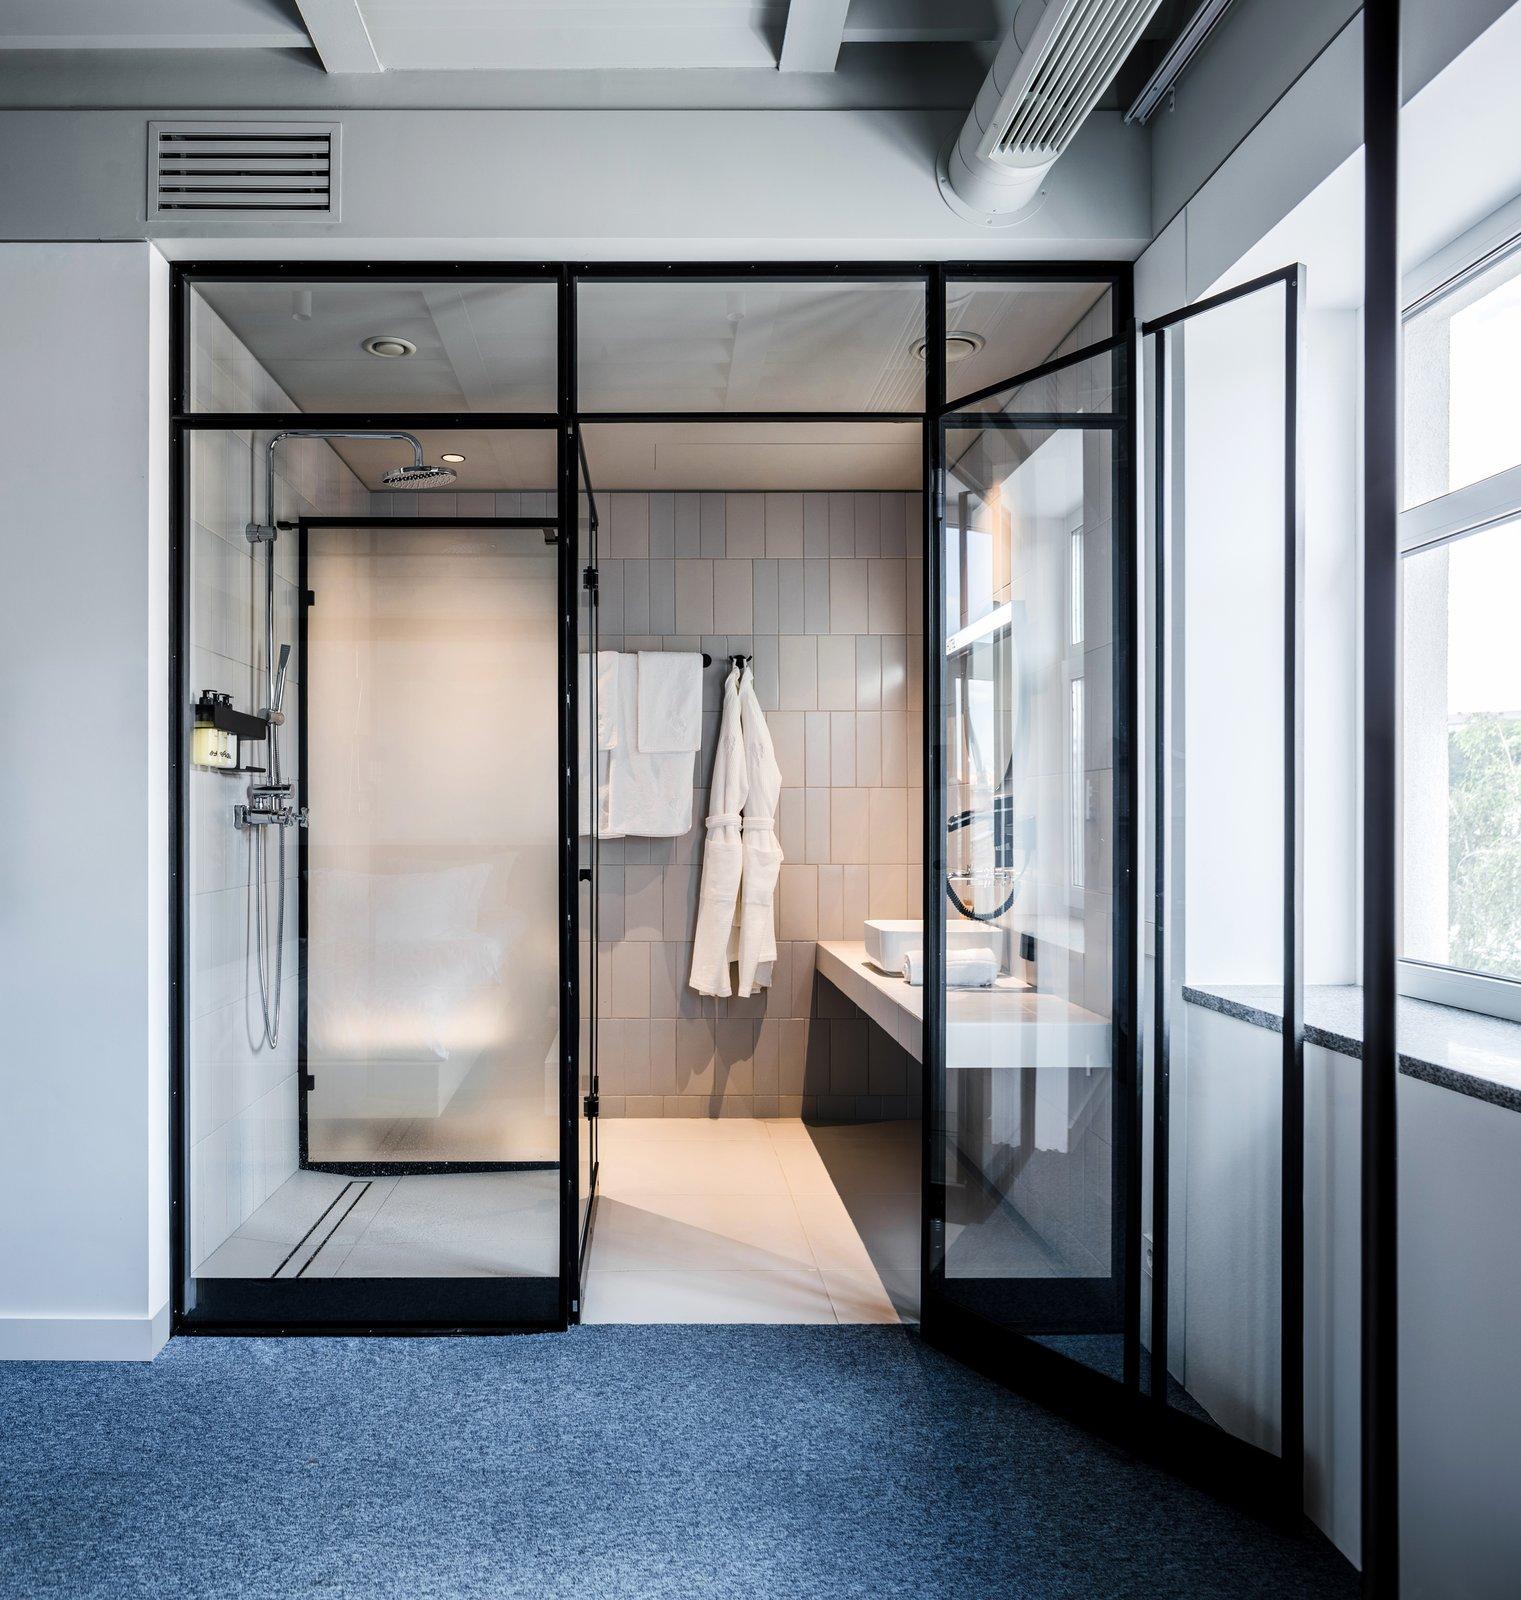 Bursa Hotel bathroom glass box